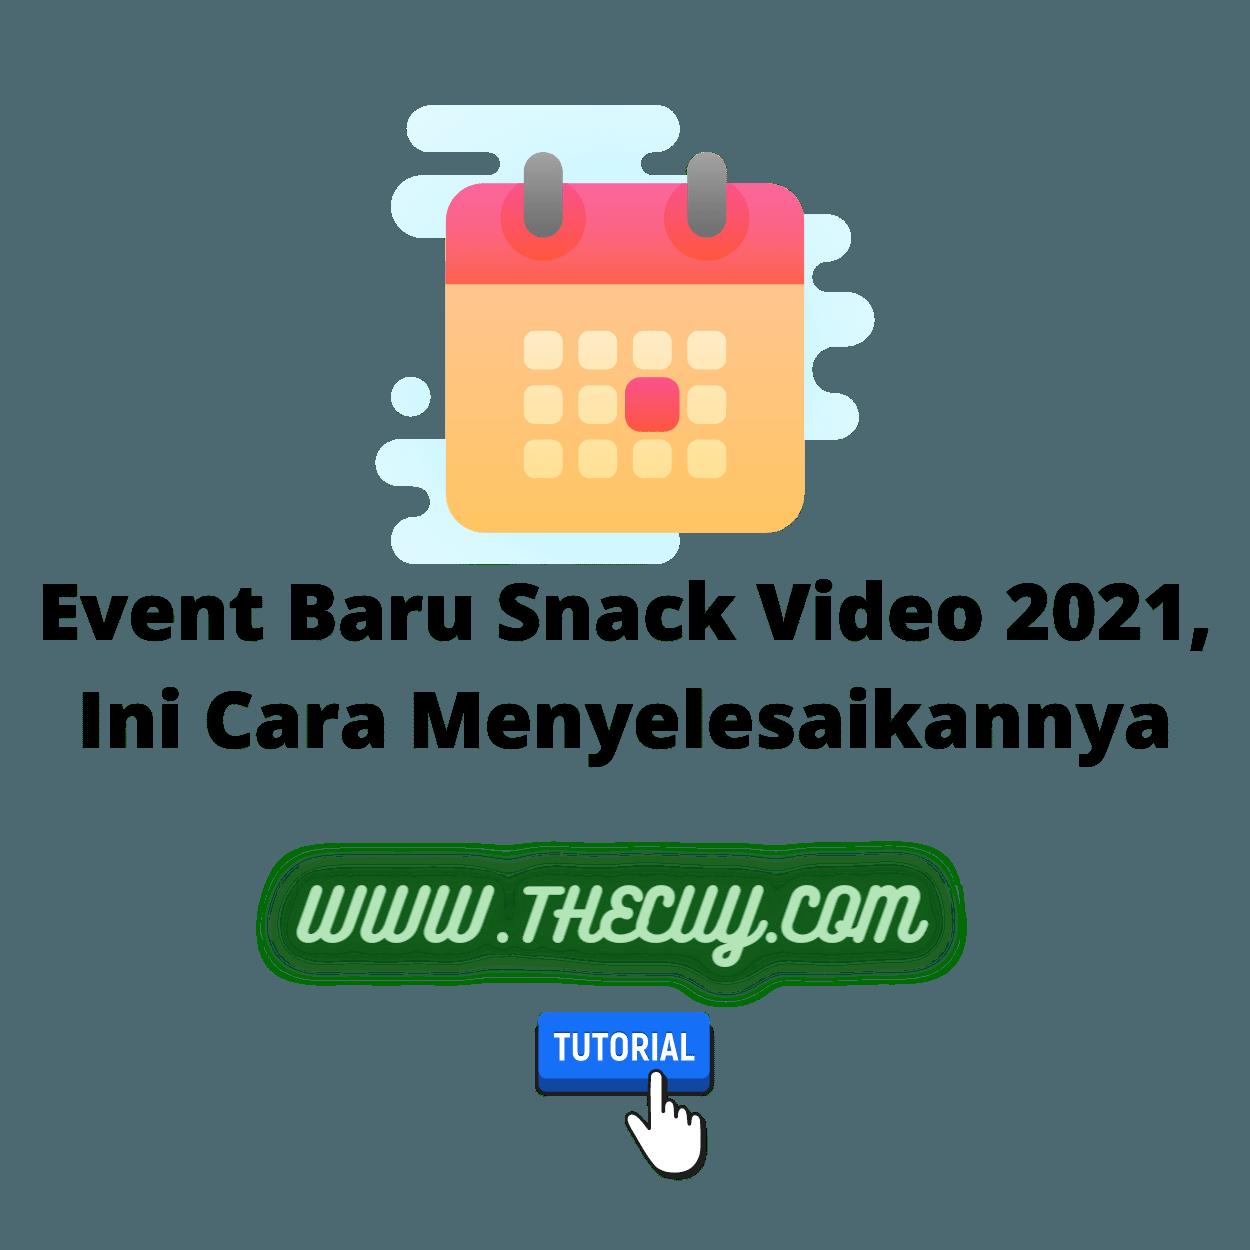 Event Baru Snack Video 2021, Ini Cara Menyelesaikannya